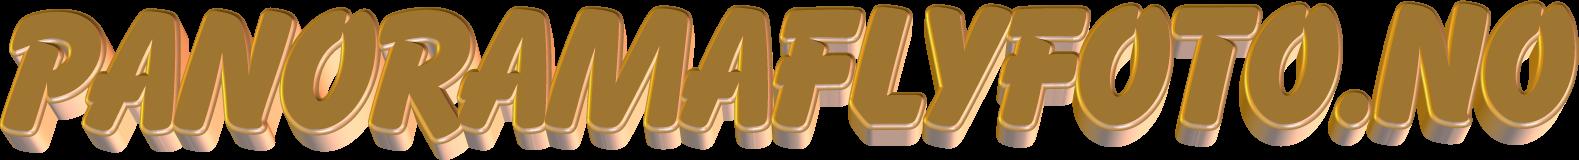 panoramaflyfoto.no Logo